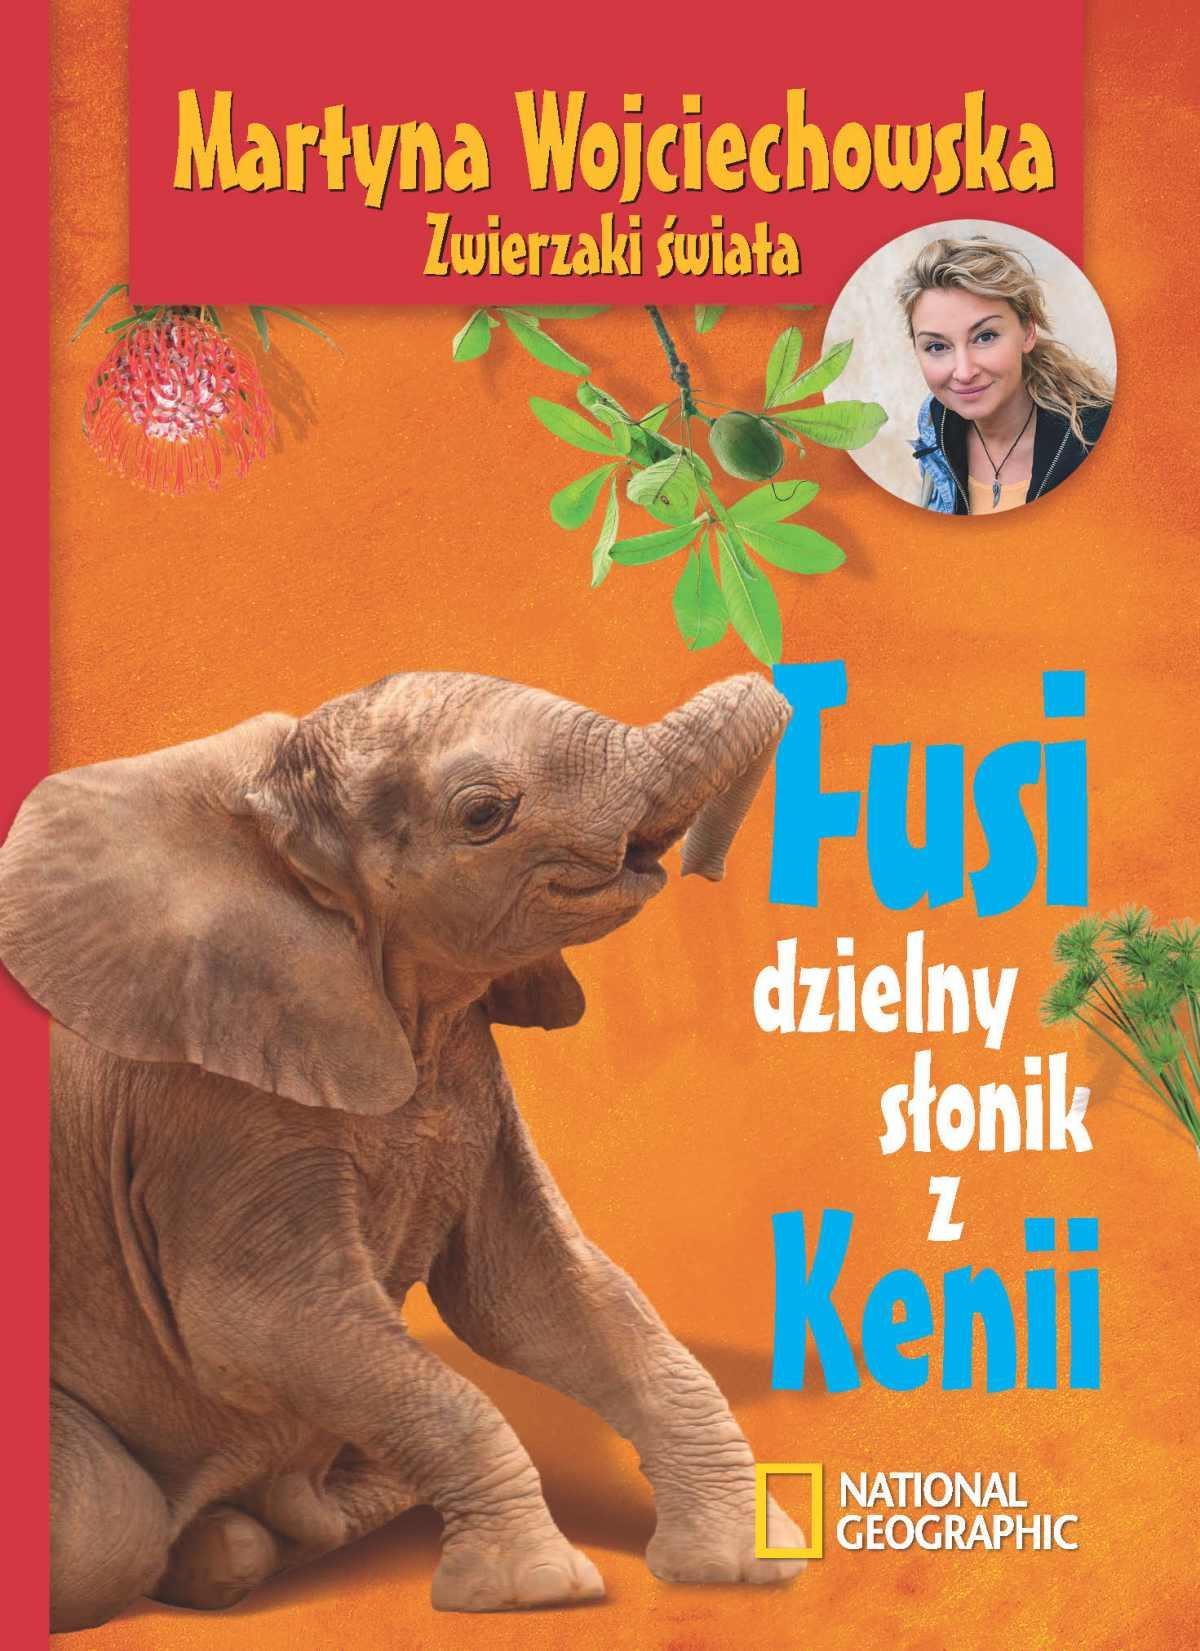 Fusi, dzielny słonik z Kenii - Ebook (Książka EPUB) do pobrania w formacie EPUB